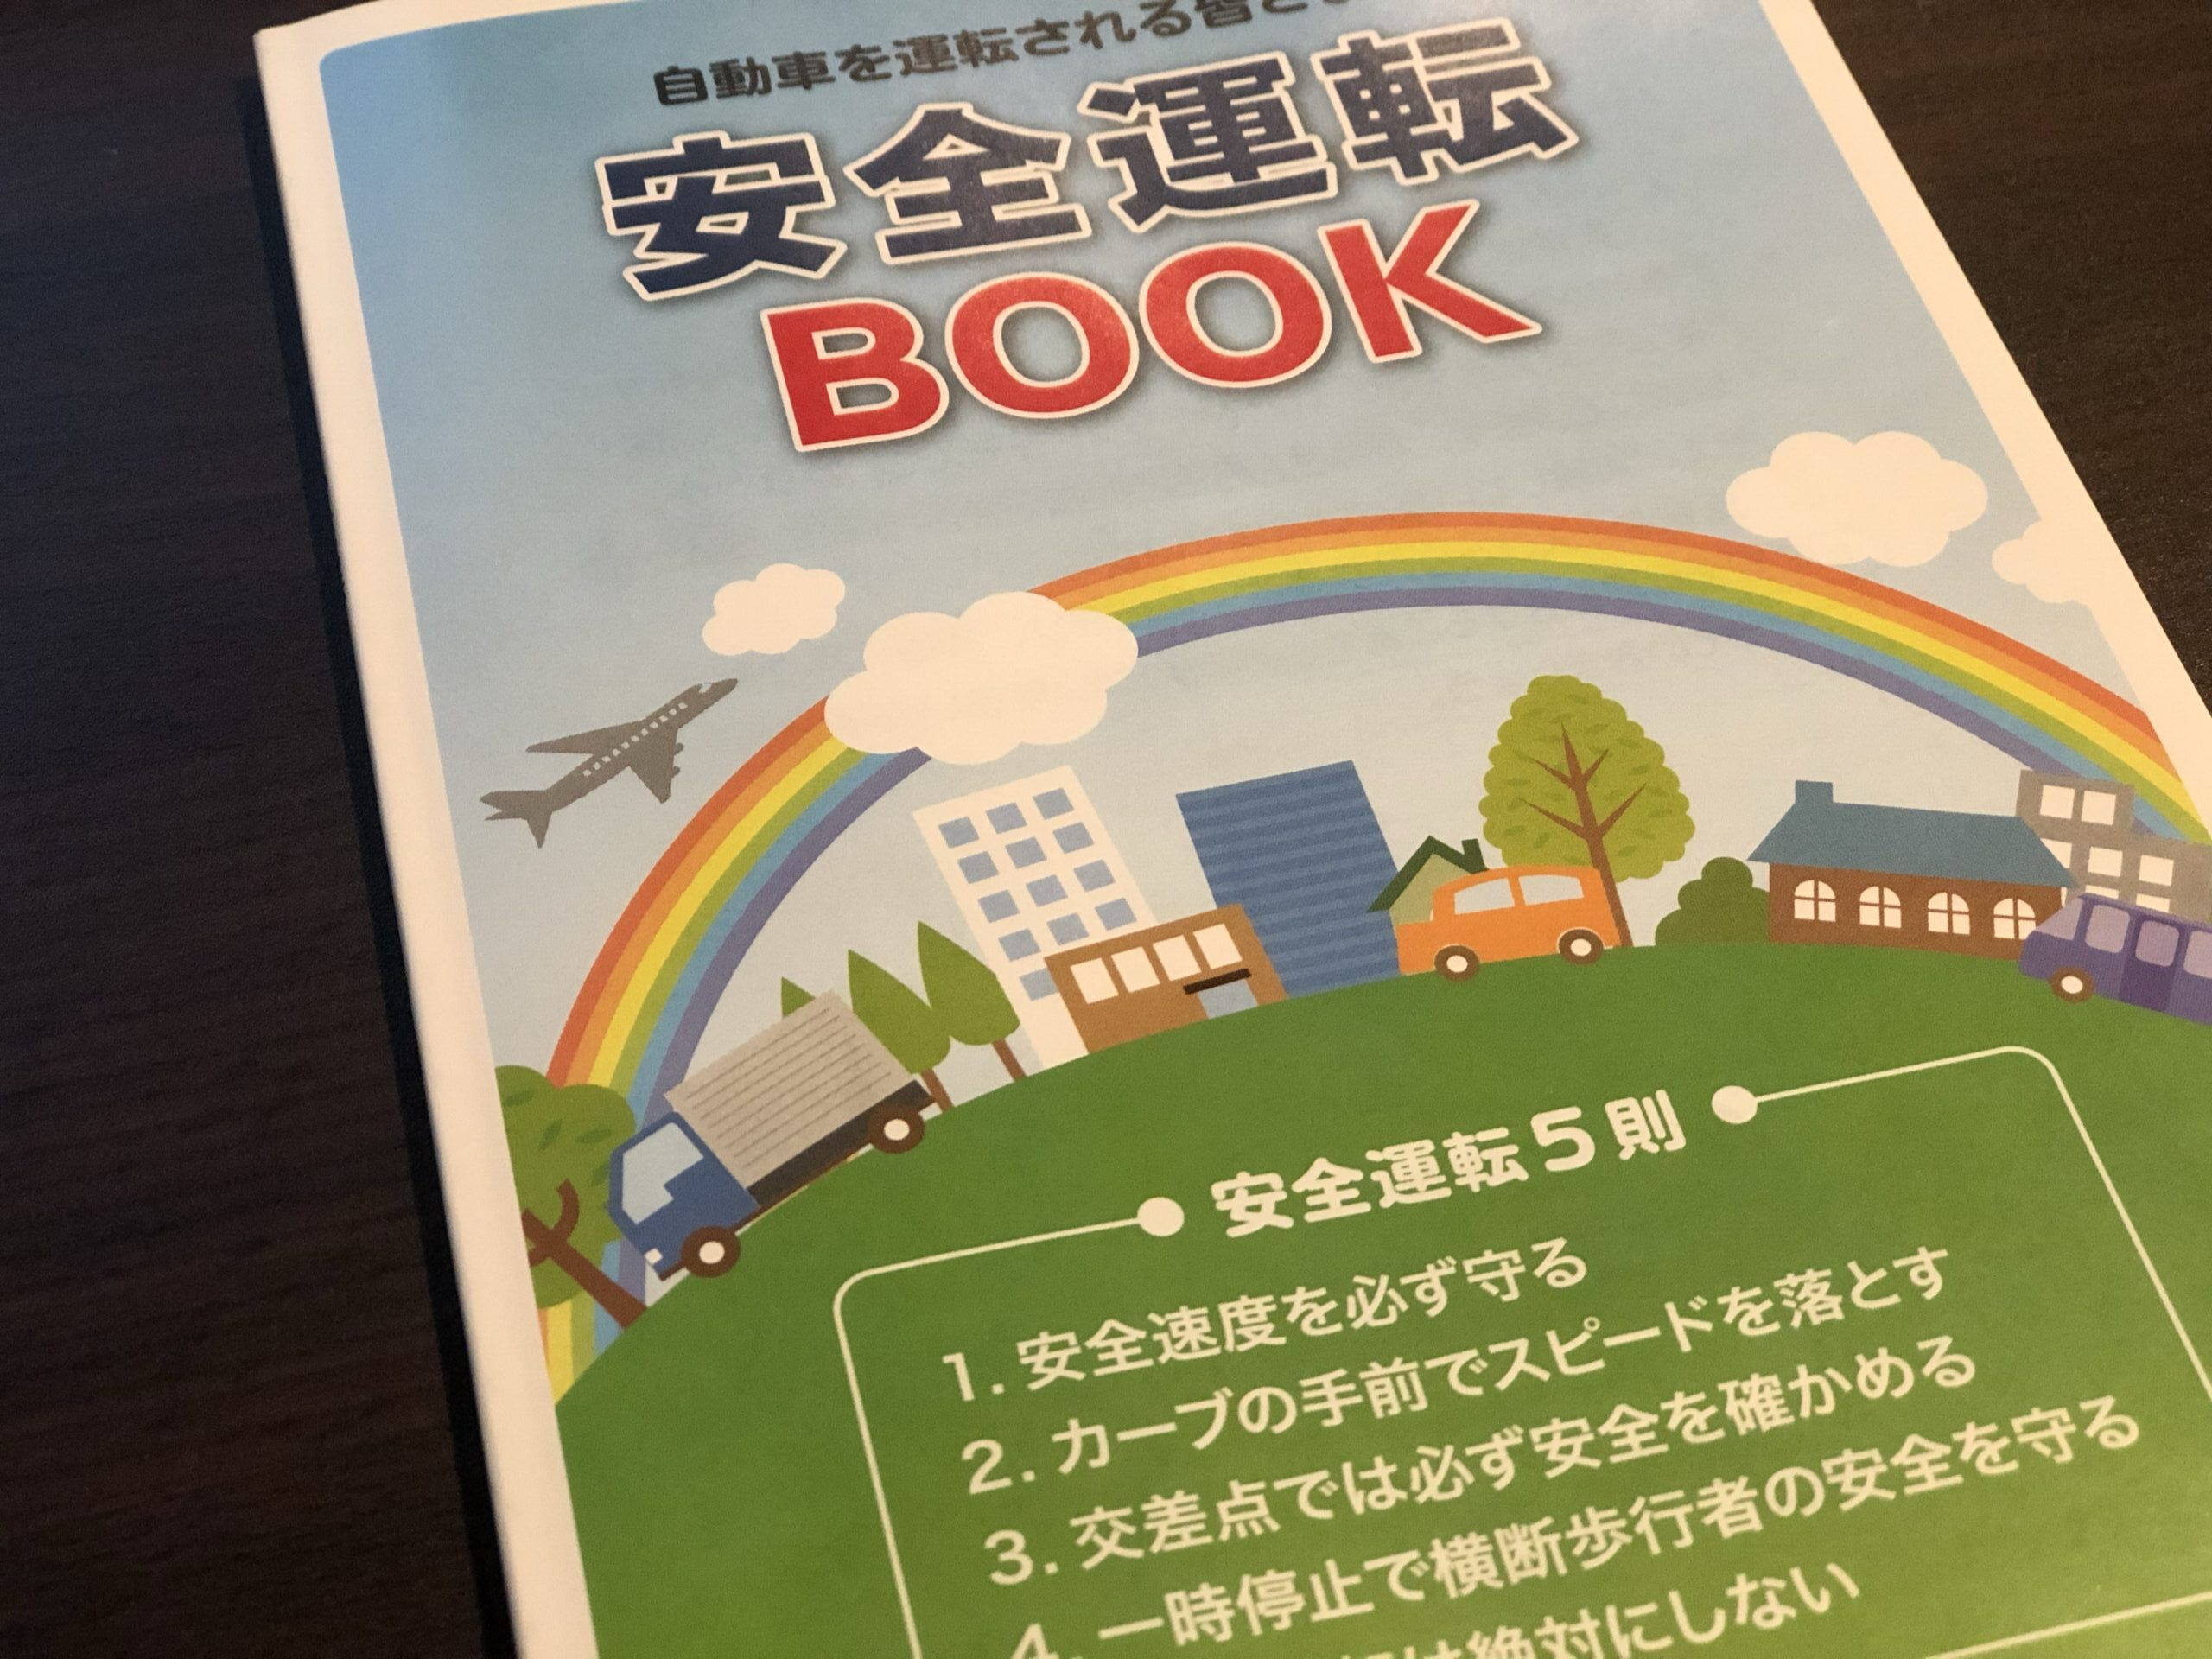 安全運転BOOK